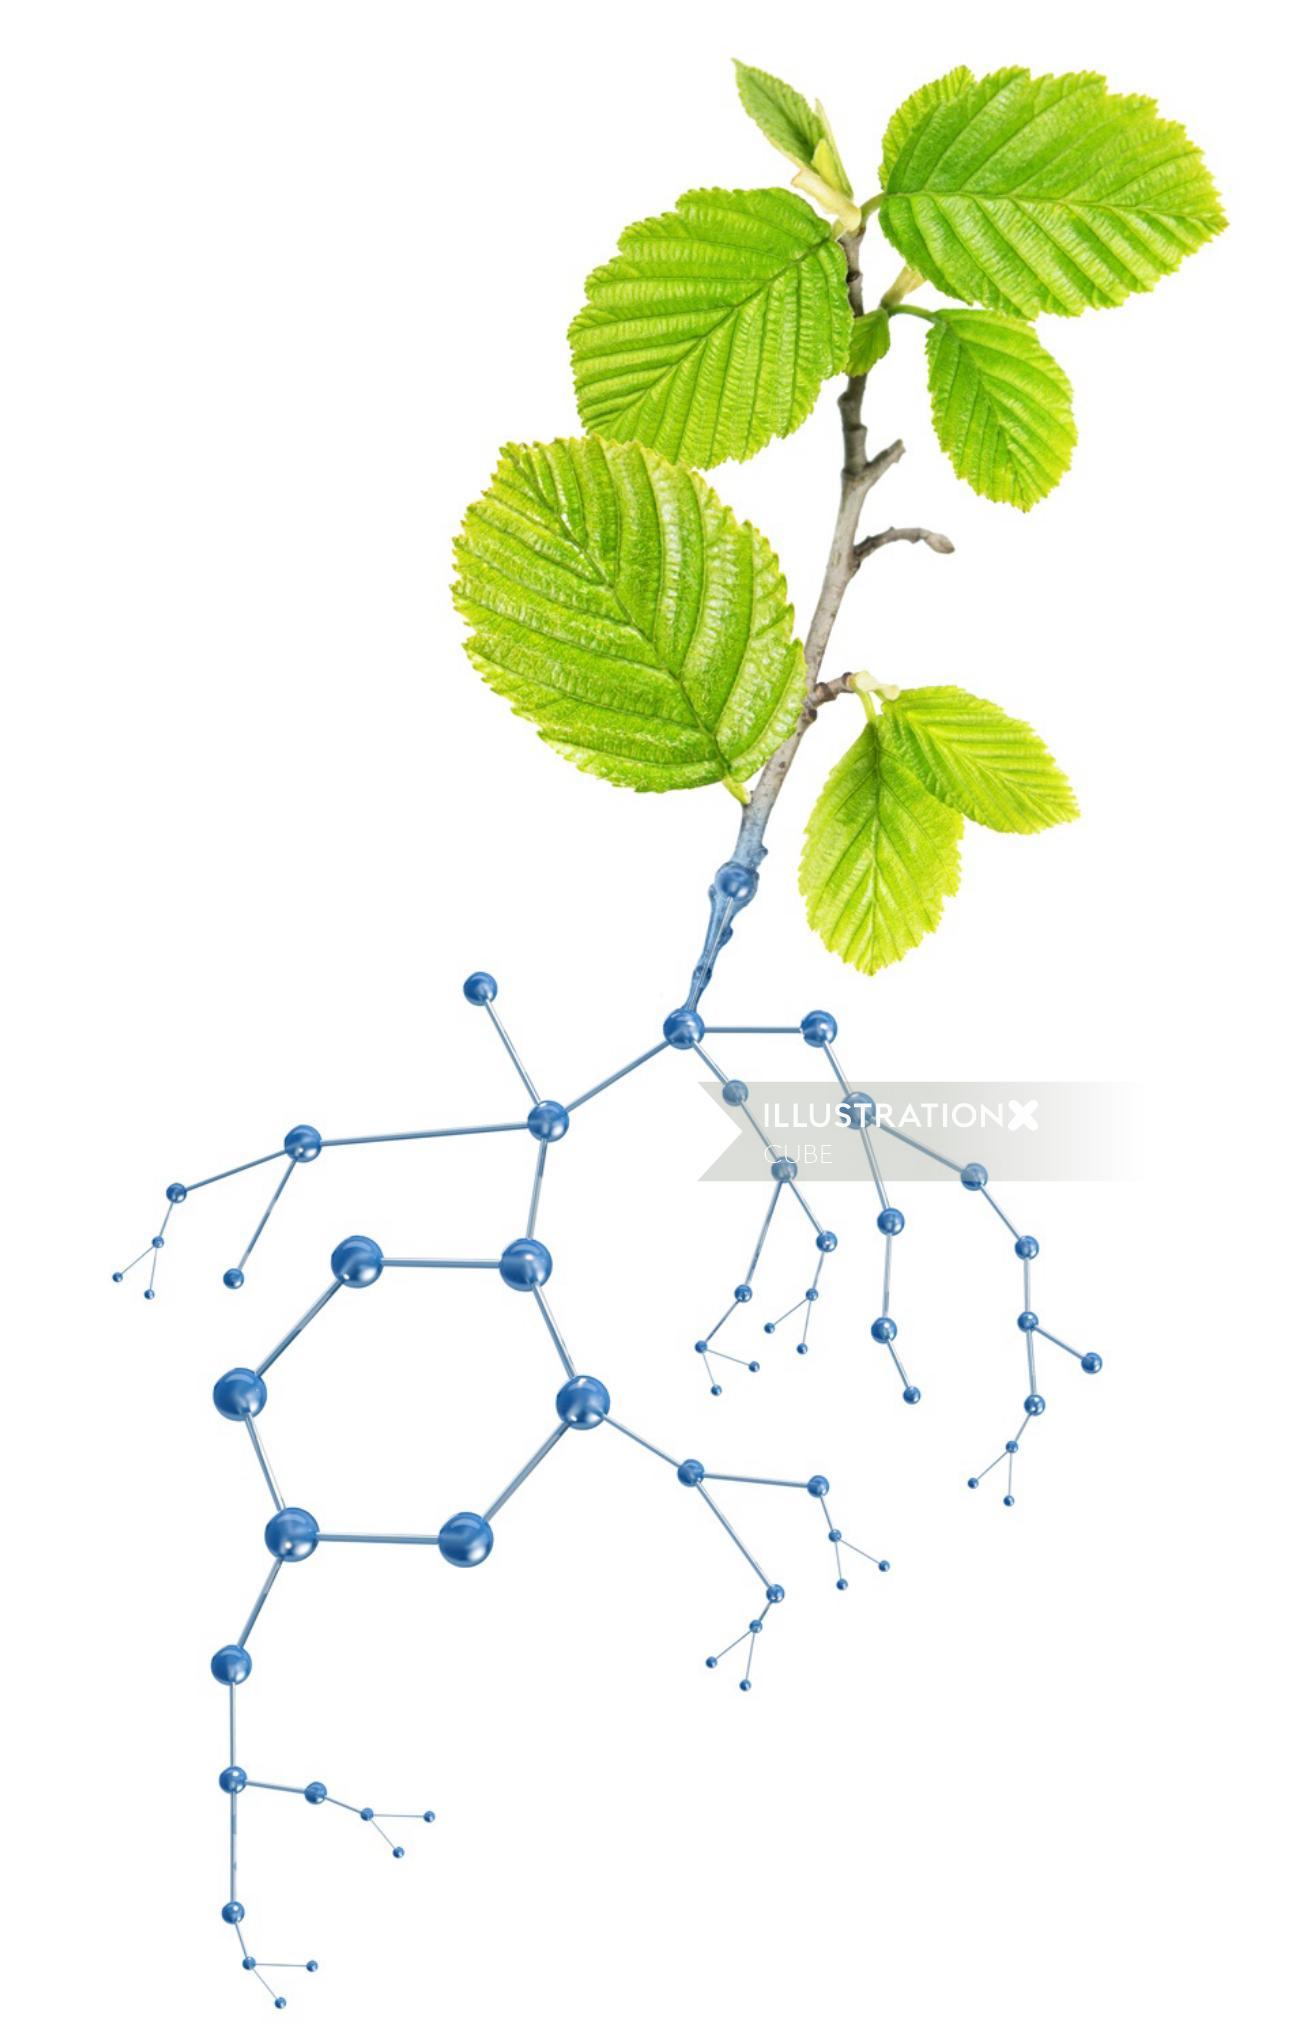 leaves 3D illustration